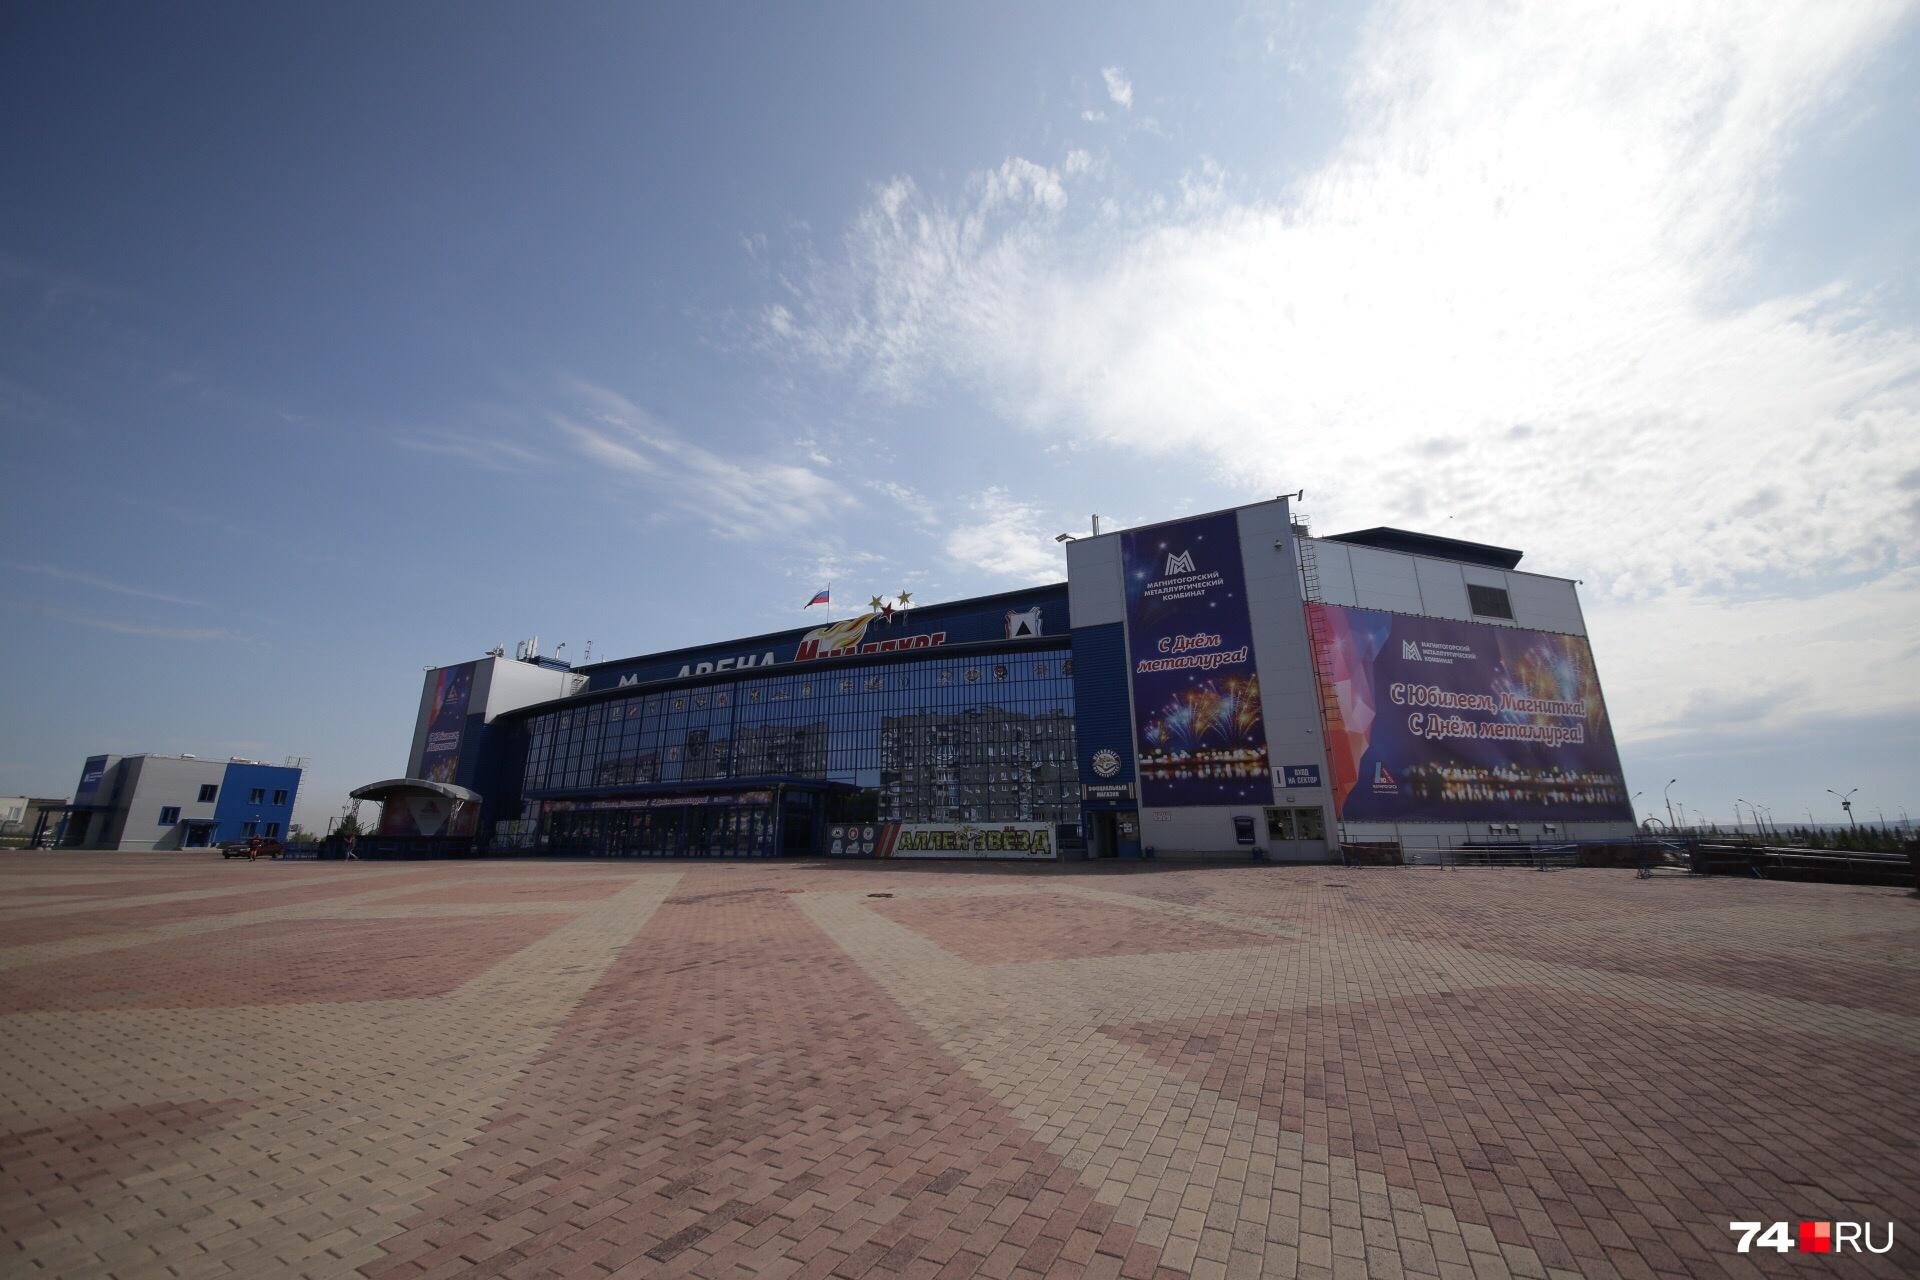 На площадке у арены пока пустынно, но вечером здесь будут десятки тысяч людей